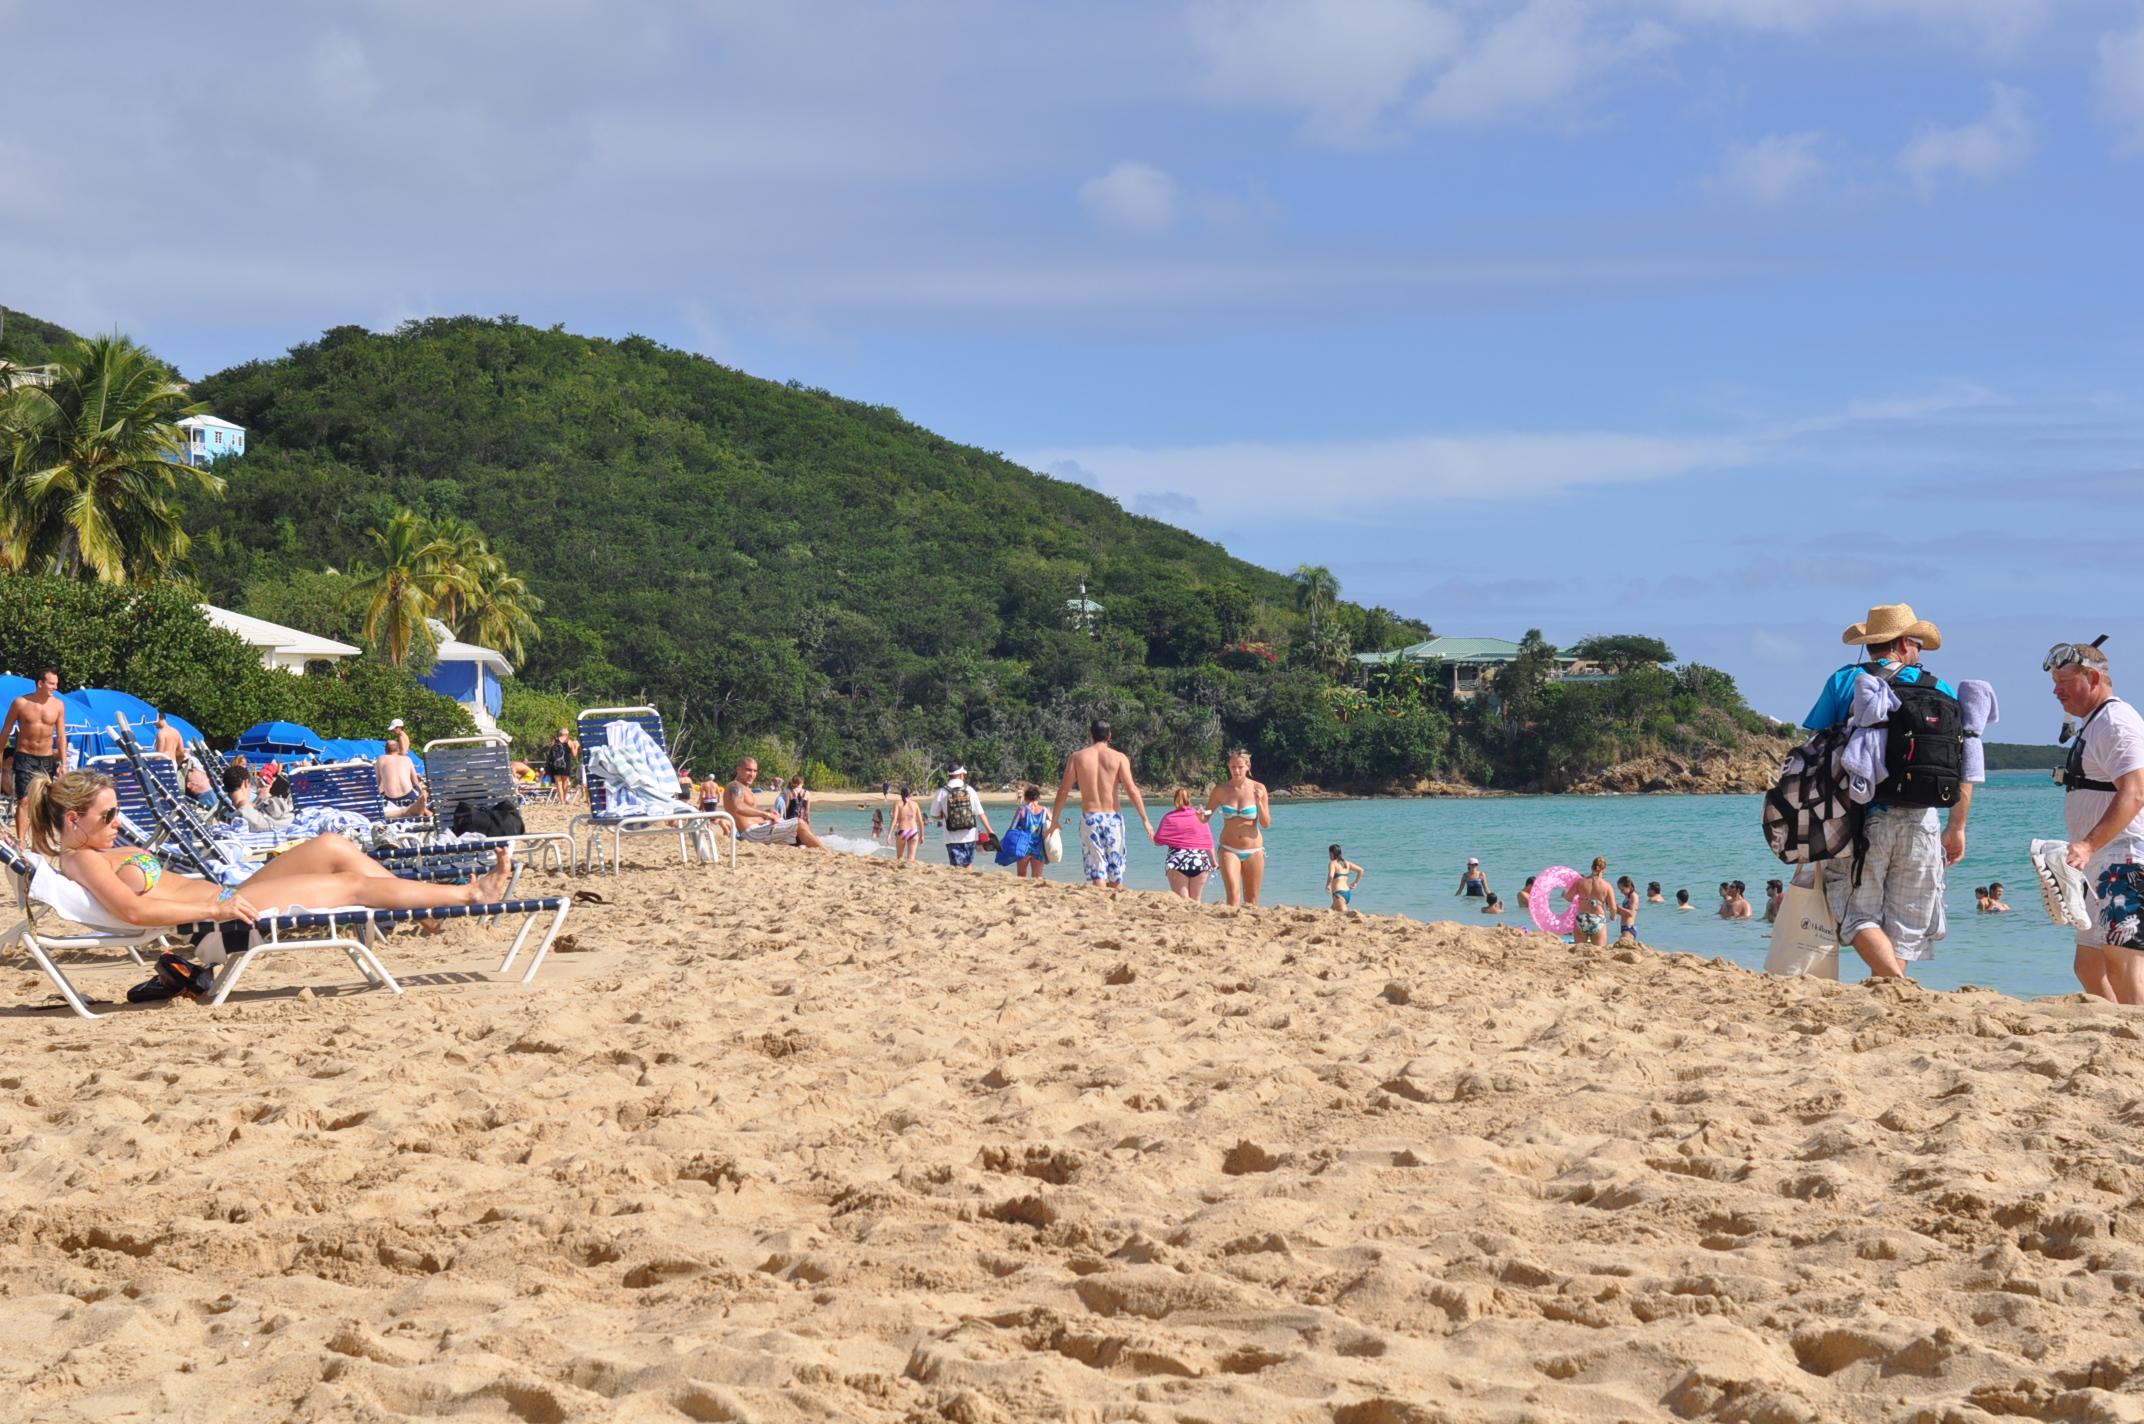 Diario-de-Viagem-Caribe-St-Thomas-Navio-Acho-Tendencia-Giovana-Quaglio-18